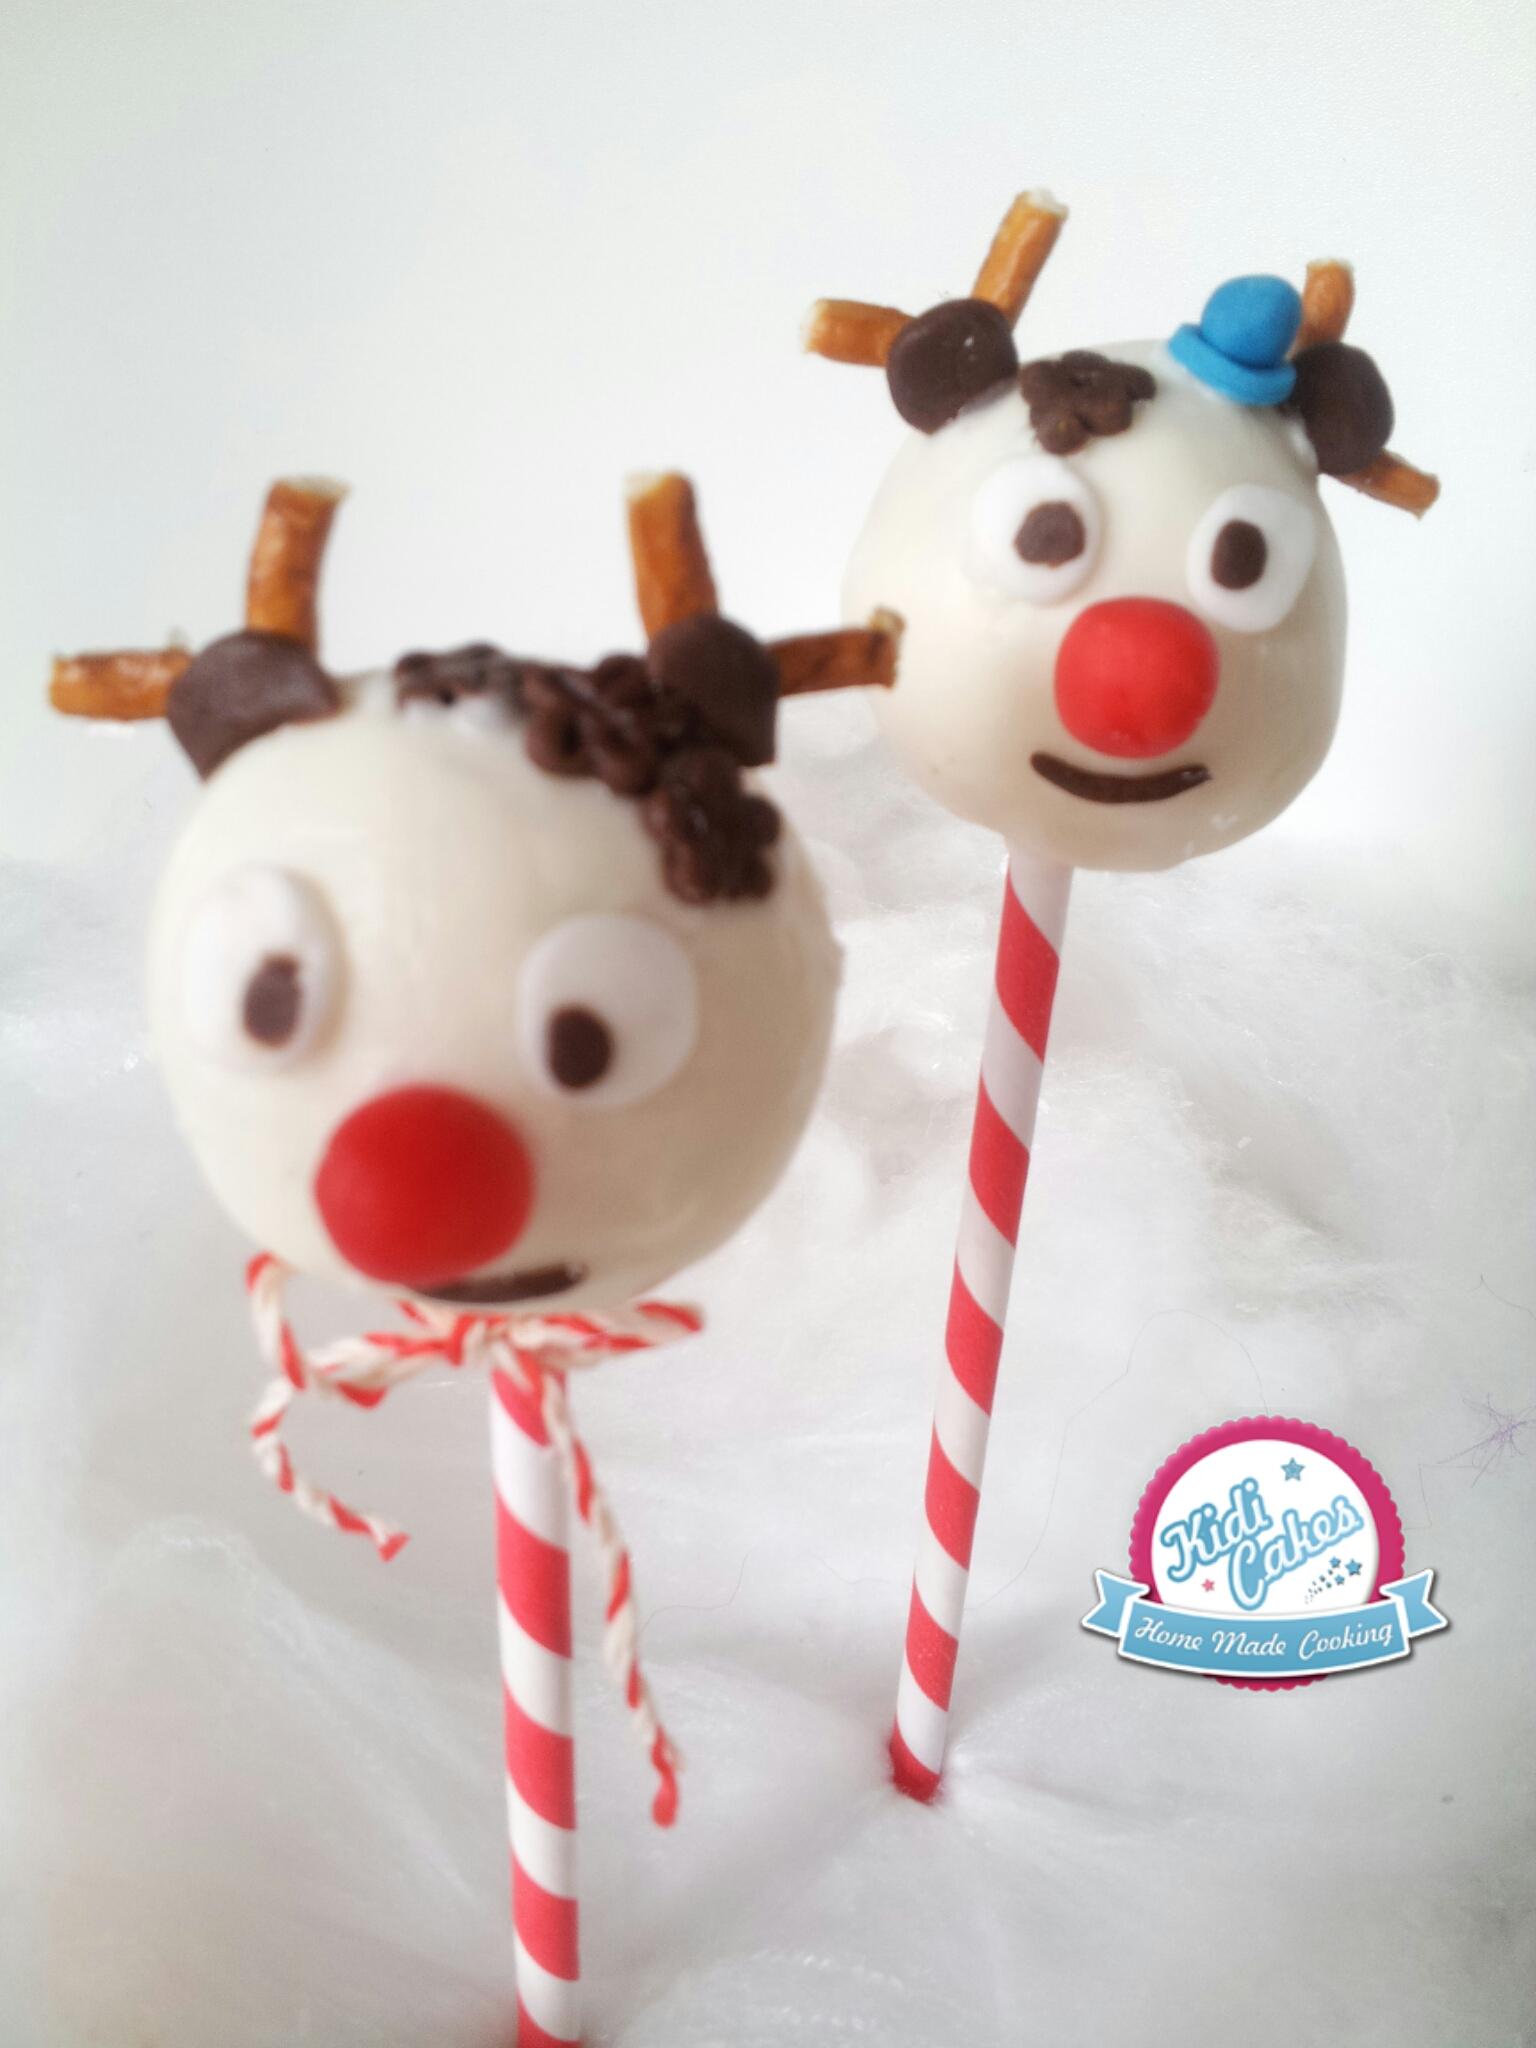 Cake pops renne de Noël, idée cake pops renne de Noêl. une idée recette cake pops noel proposé par Kidicakes. Les cake pops renne de noel sont originaux qui épateront les petits et les grands.